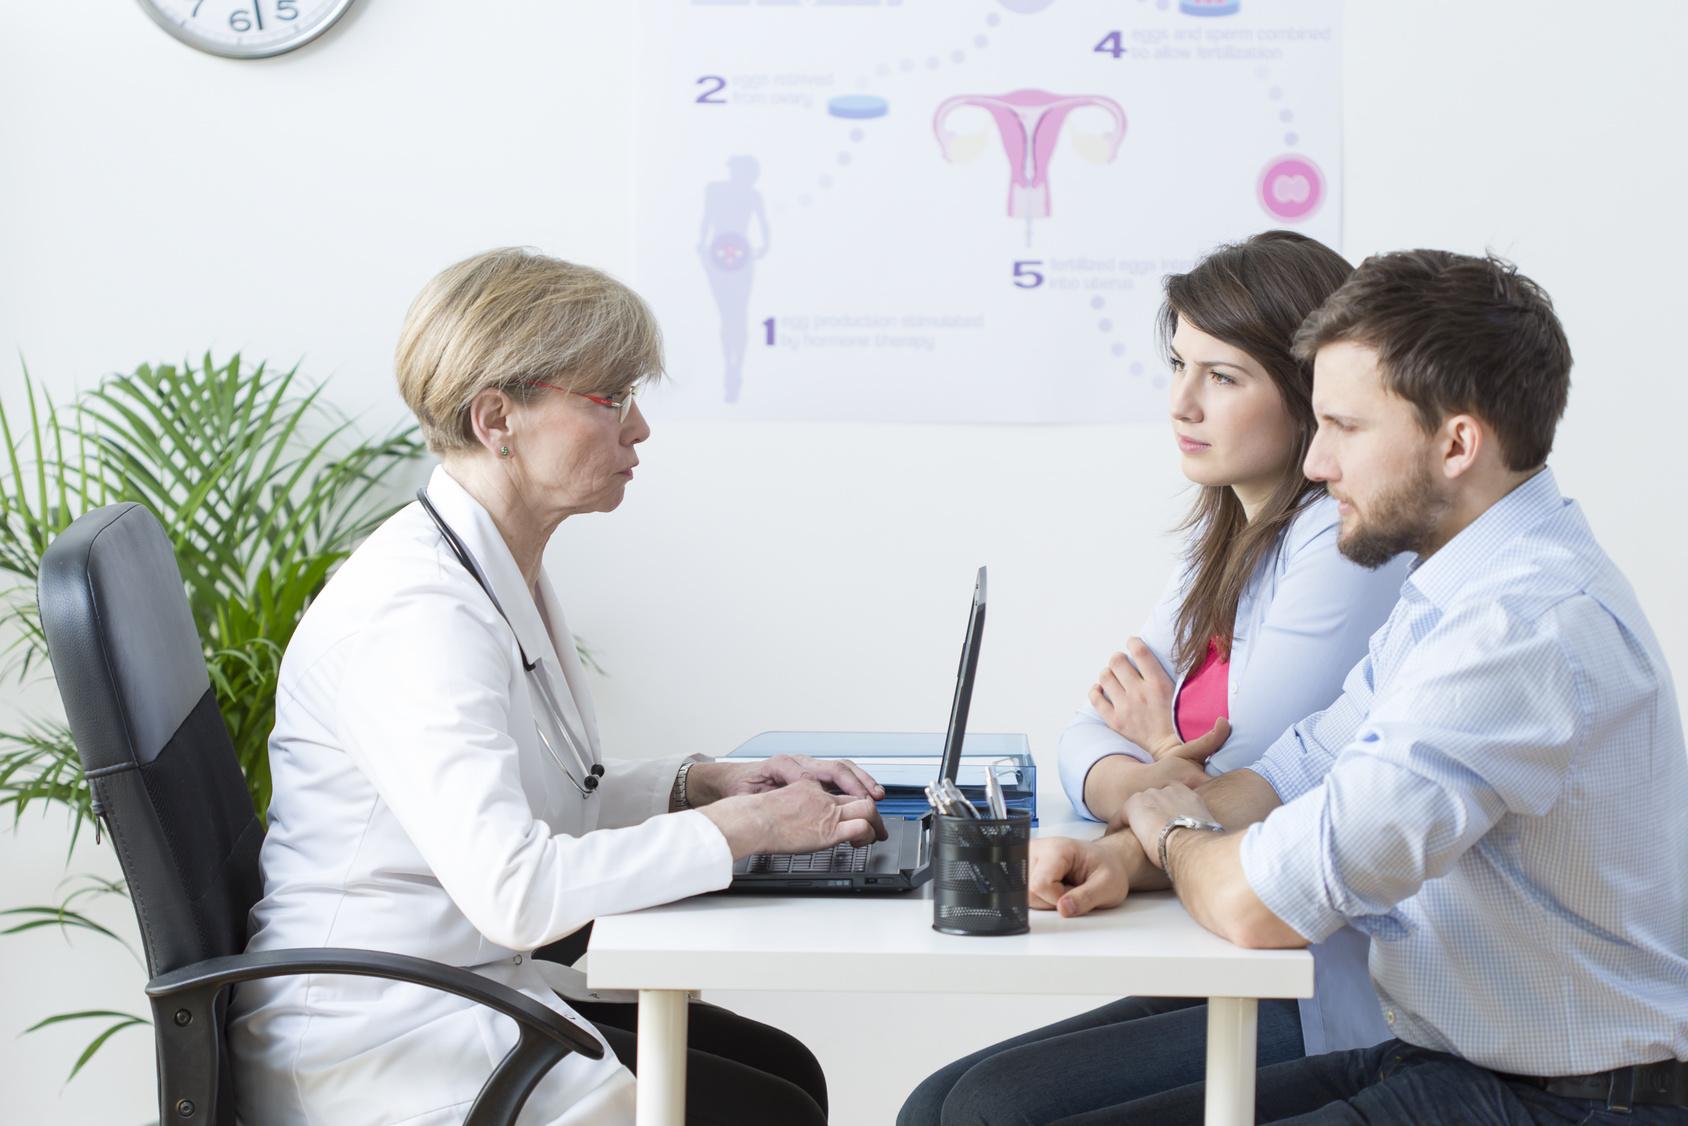 不妊症に関連する手術を経験症例数の多い名医に任せると妊娠率が1.5倍になる?